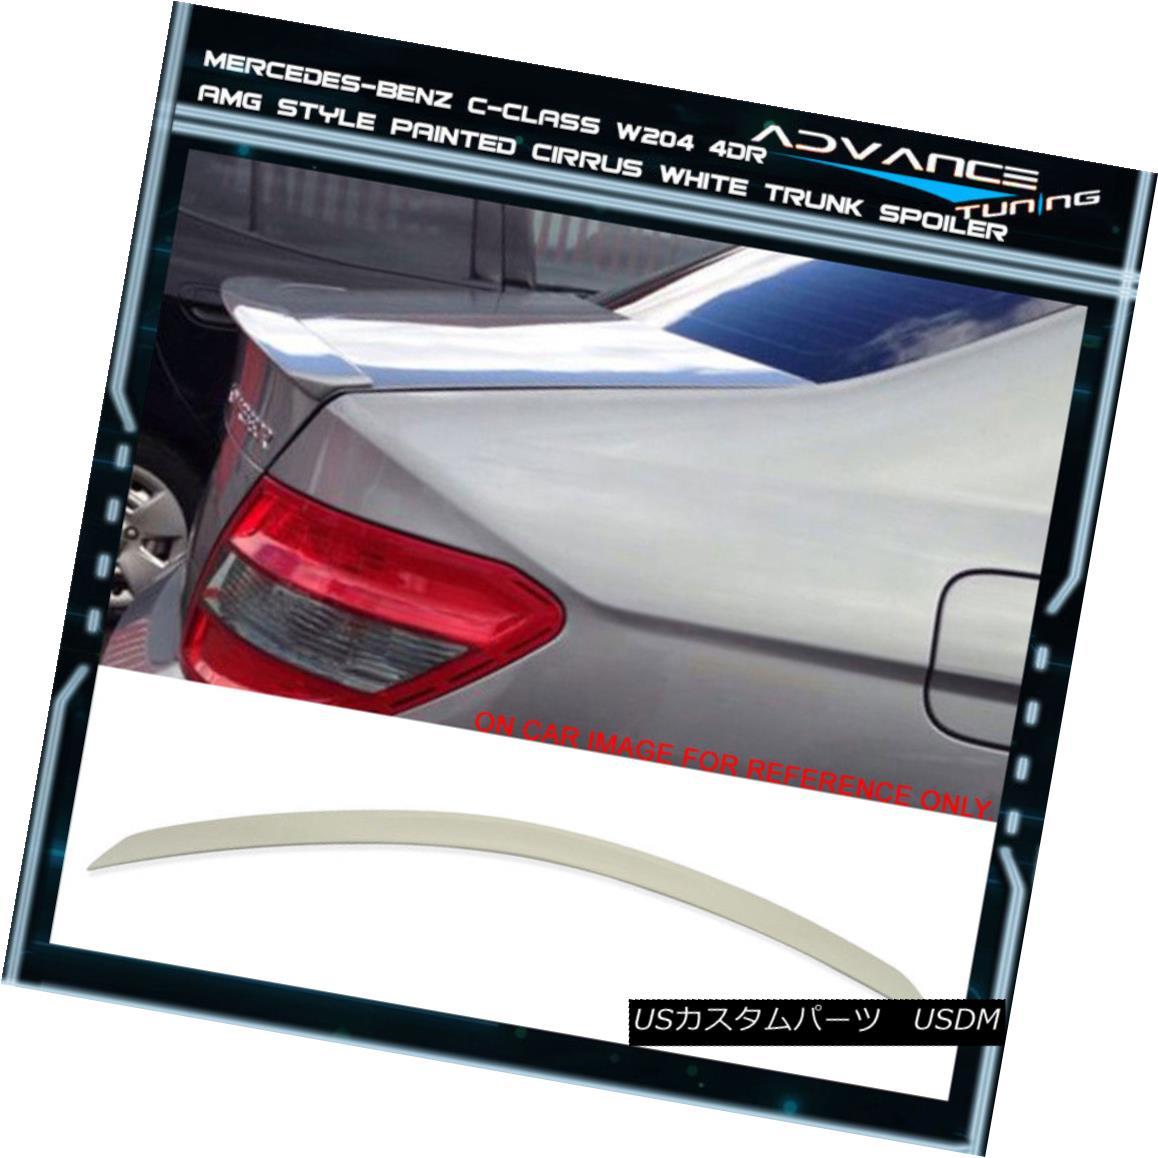 エアロパーツ 08-14 Benz C-Class W204 4Dr Trunk Spoiler OEM Painted Color # 650 Cirrus White 08-14ベンツCクラスW204 4Drトランク・スポイラーOEM塗装カラー#650シーラス・ホワイト